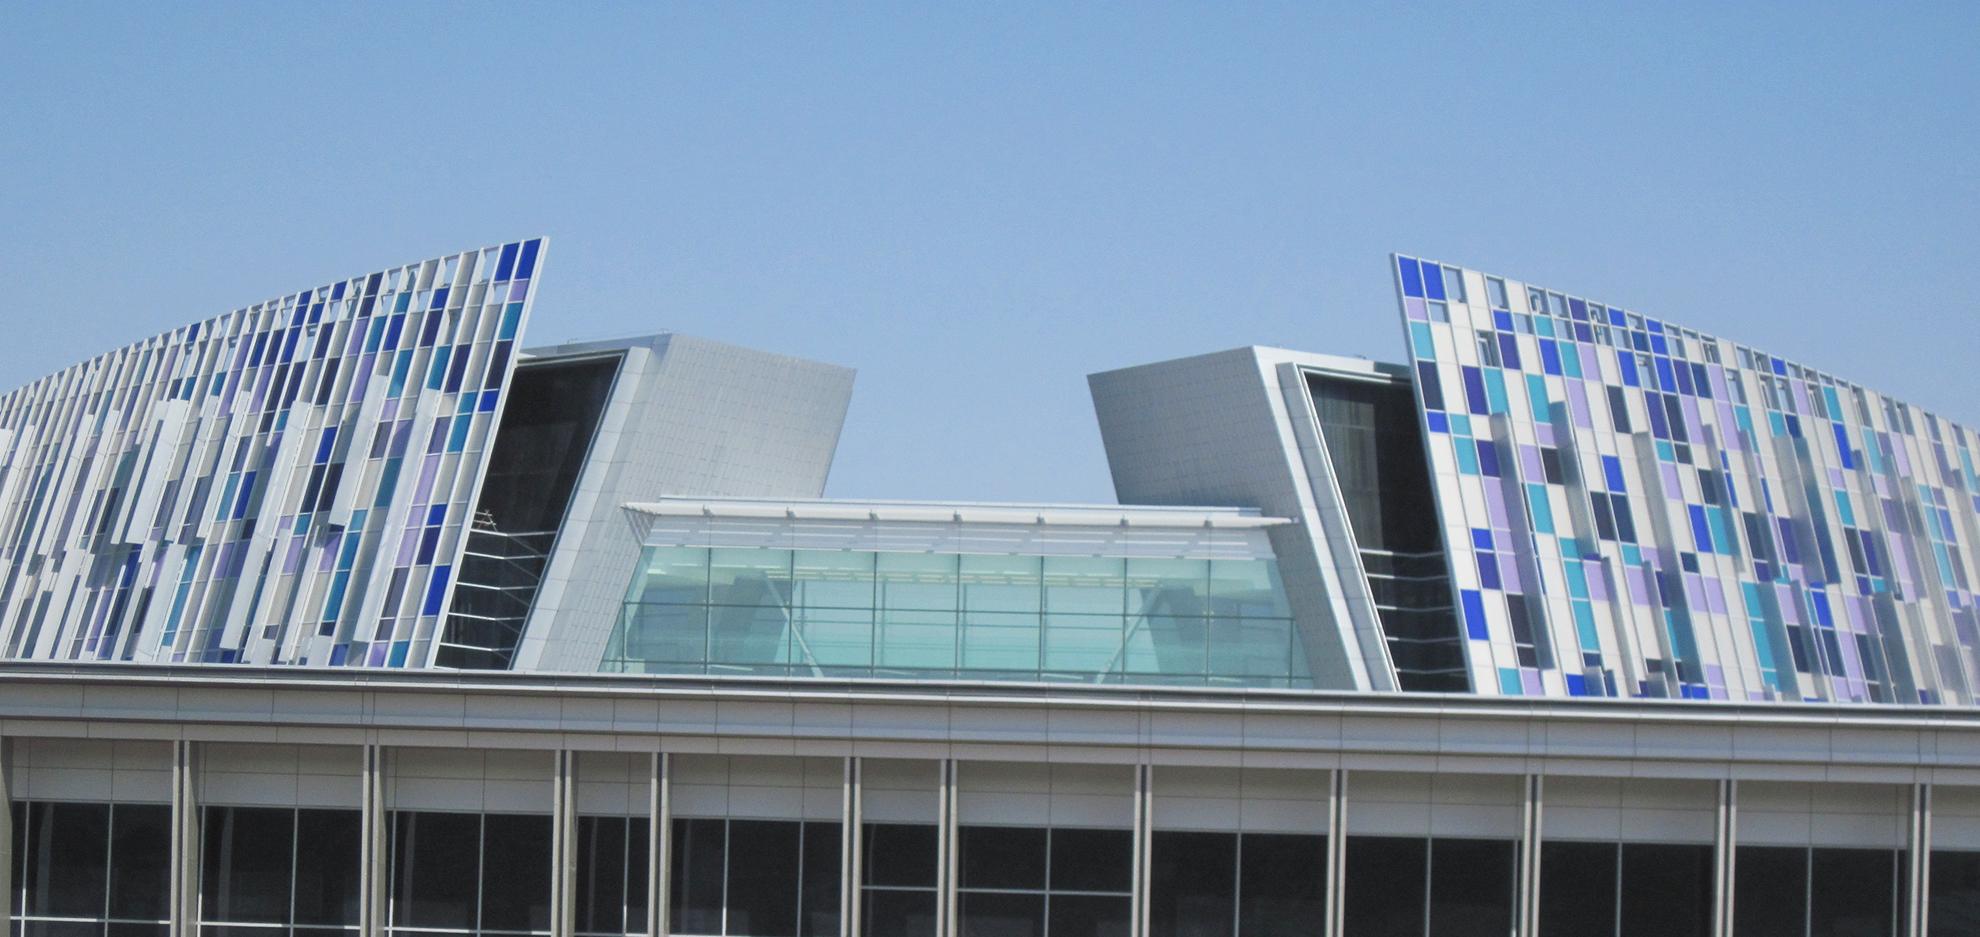 UAE-Crescent-Building.-Emiratos-Arabes.-larson-PE-2_1585899081.jpg